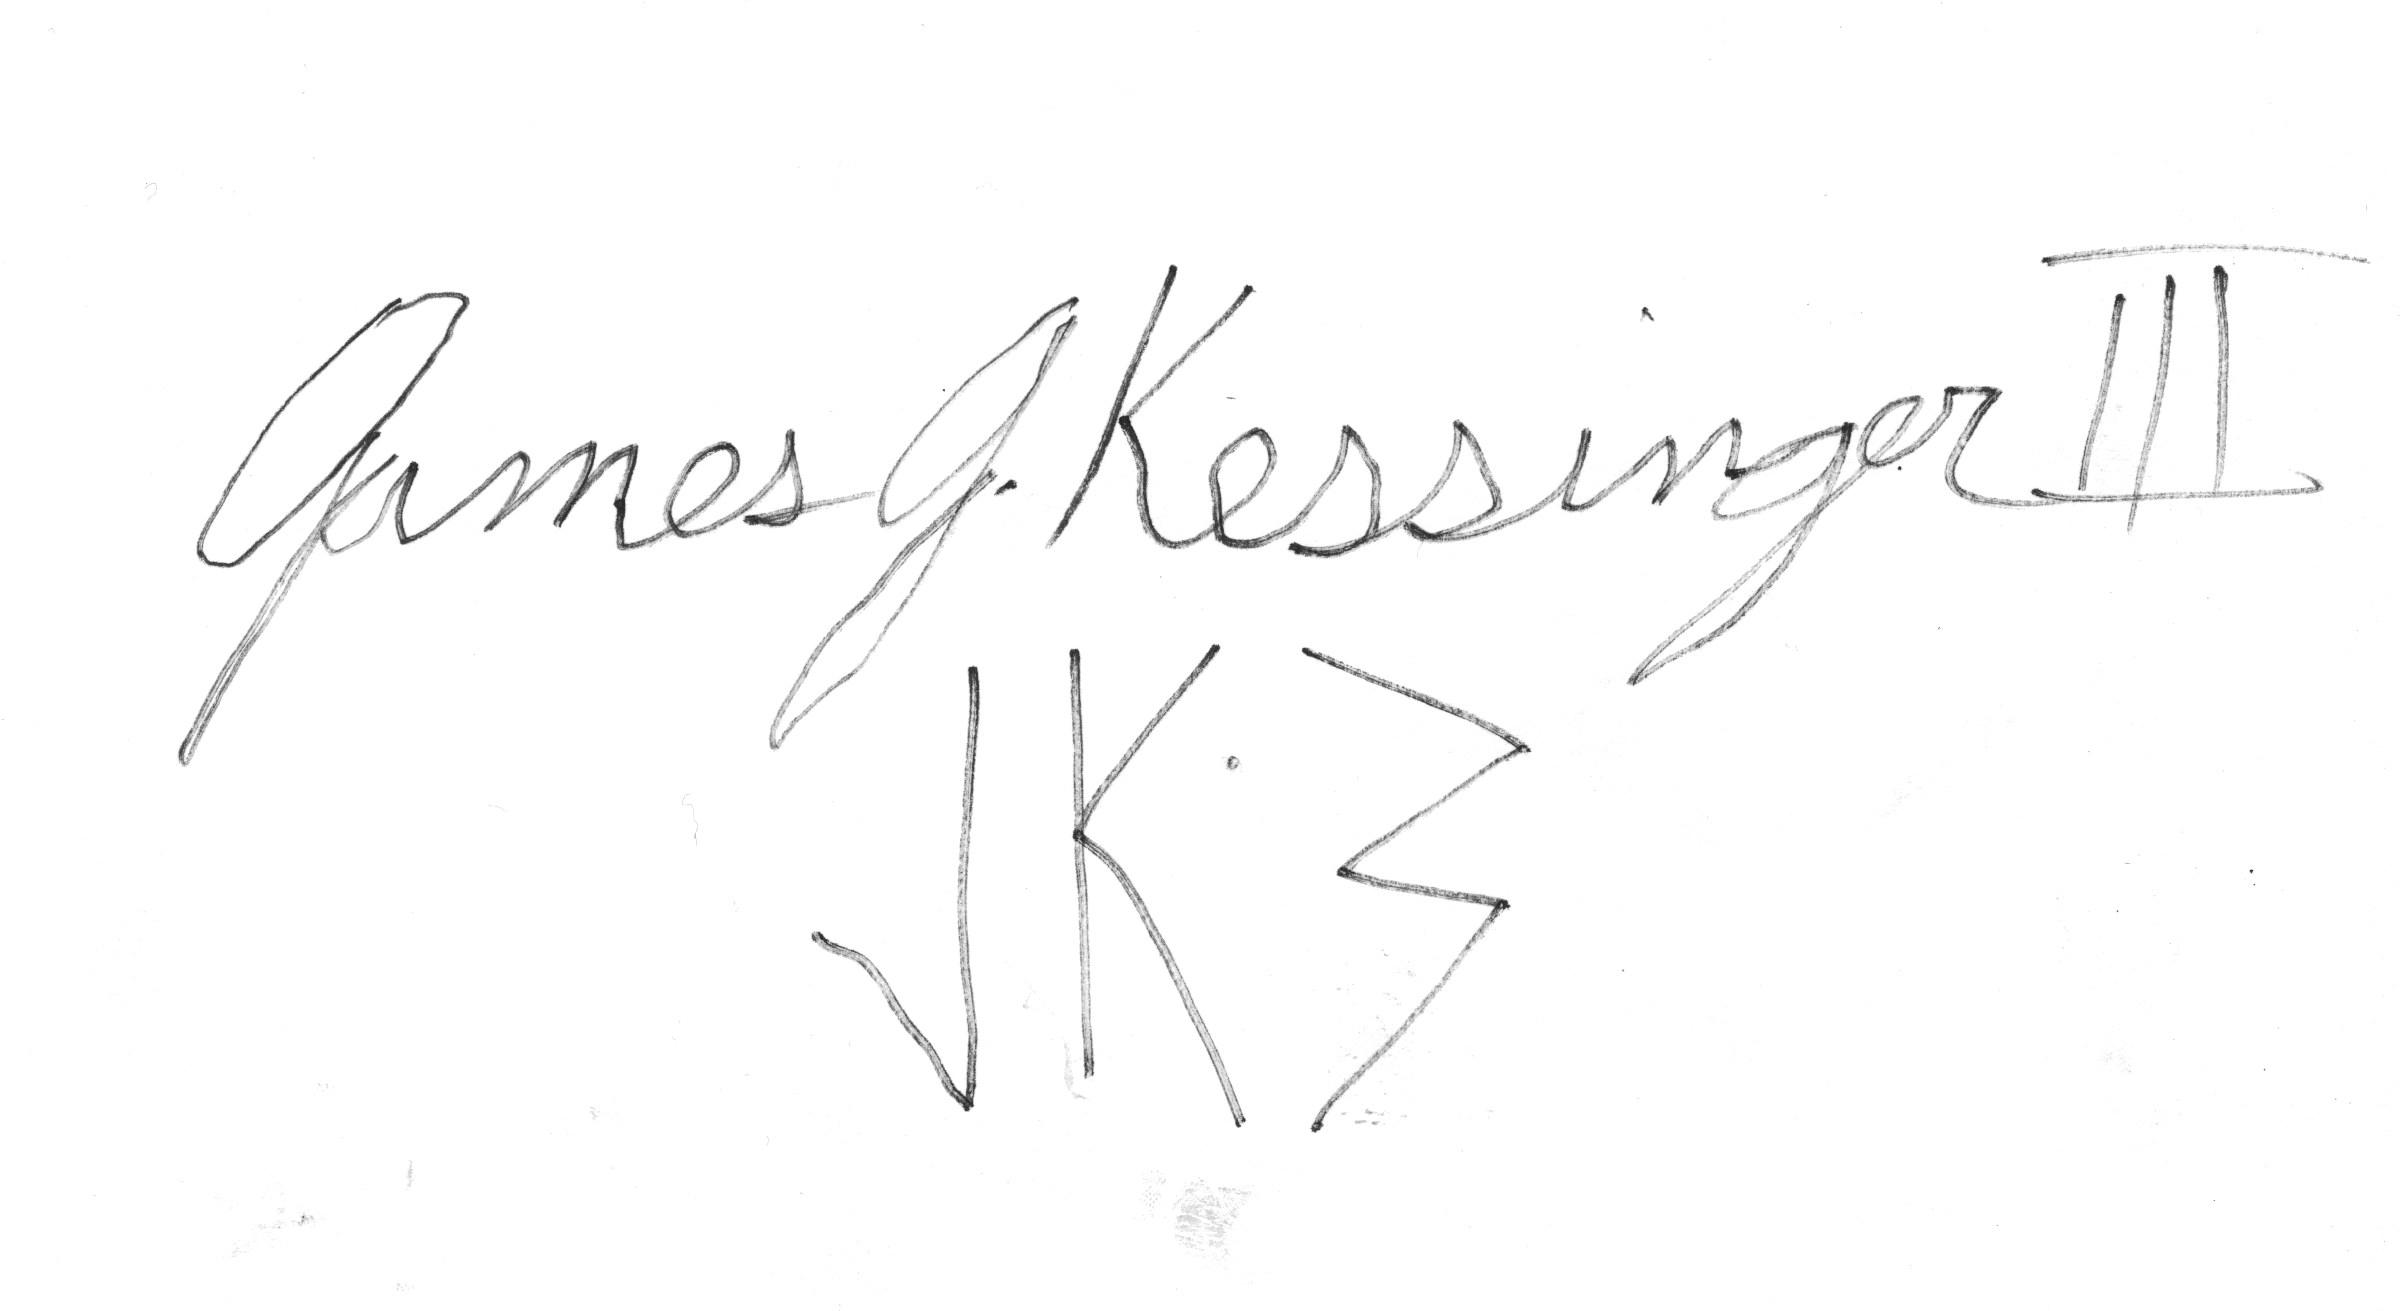 James Kessinger's Signature